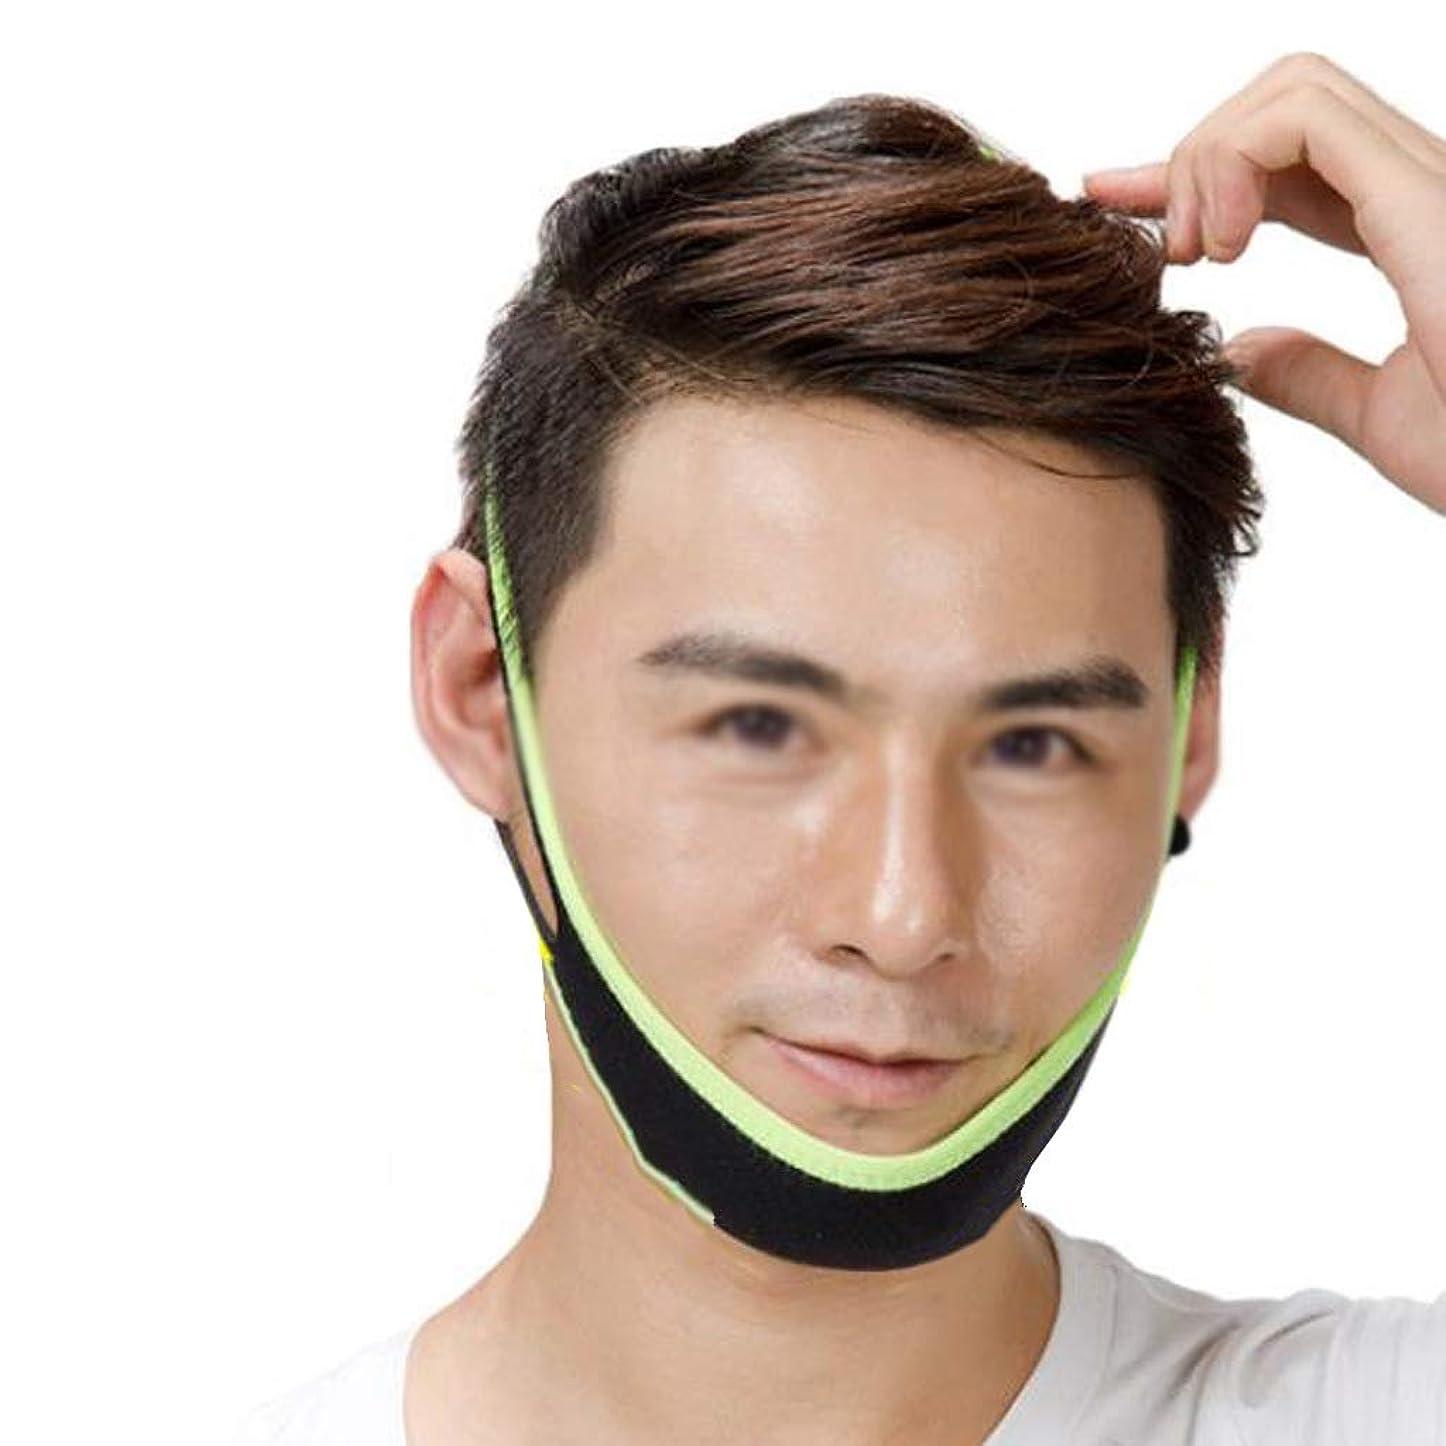 タイプ脅迫泣き叫ぶZWBD フェイスマスク, マスクアーチファクトアーティファクトリフティングマッサージアーティファクト付き薄い顔の包帯メンズスペシャルスリープスモールVフェイス